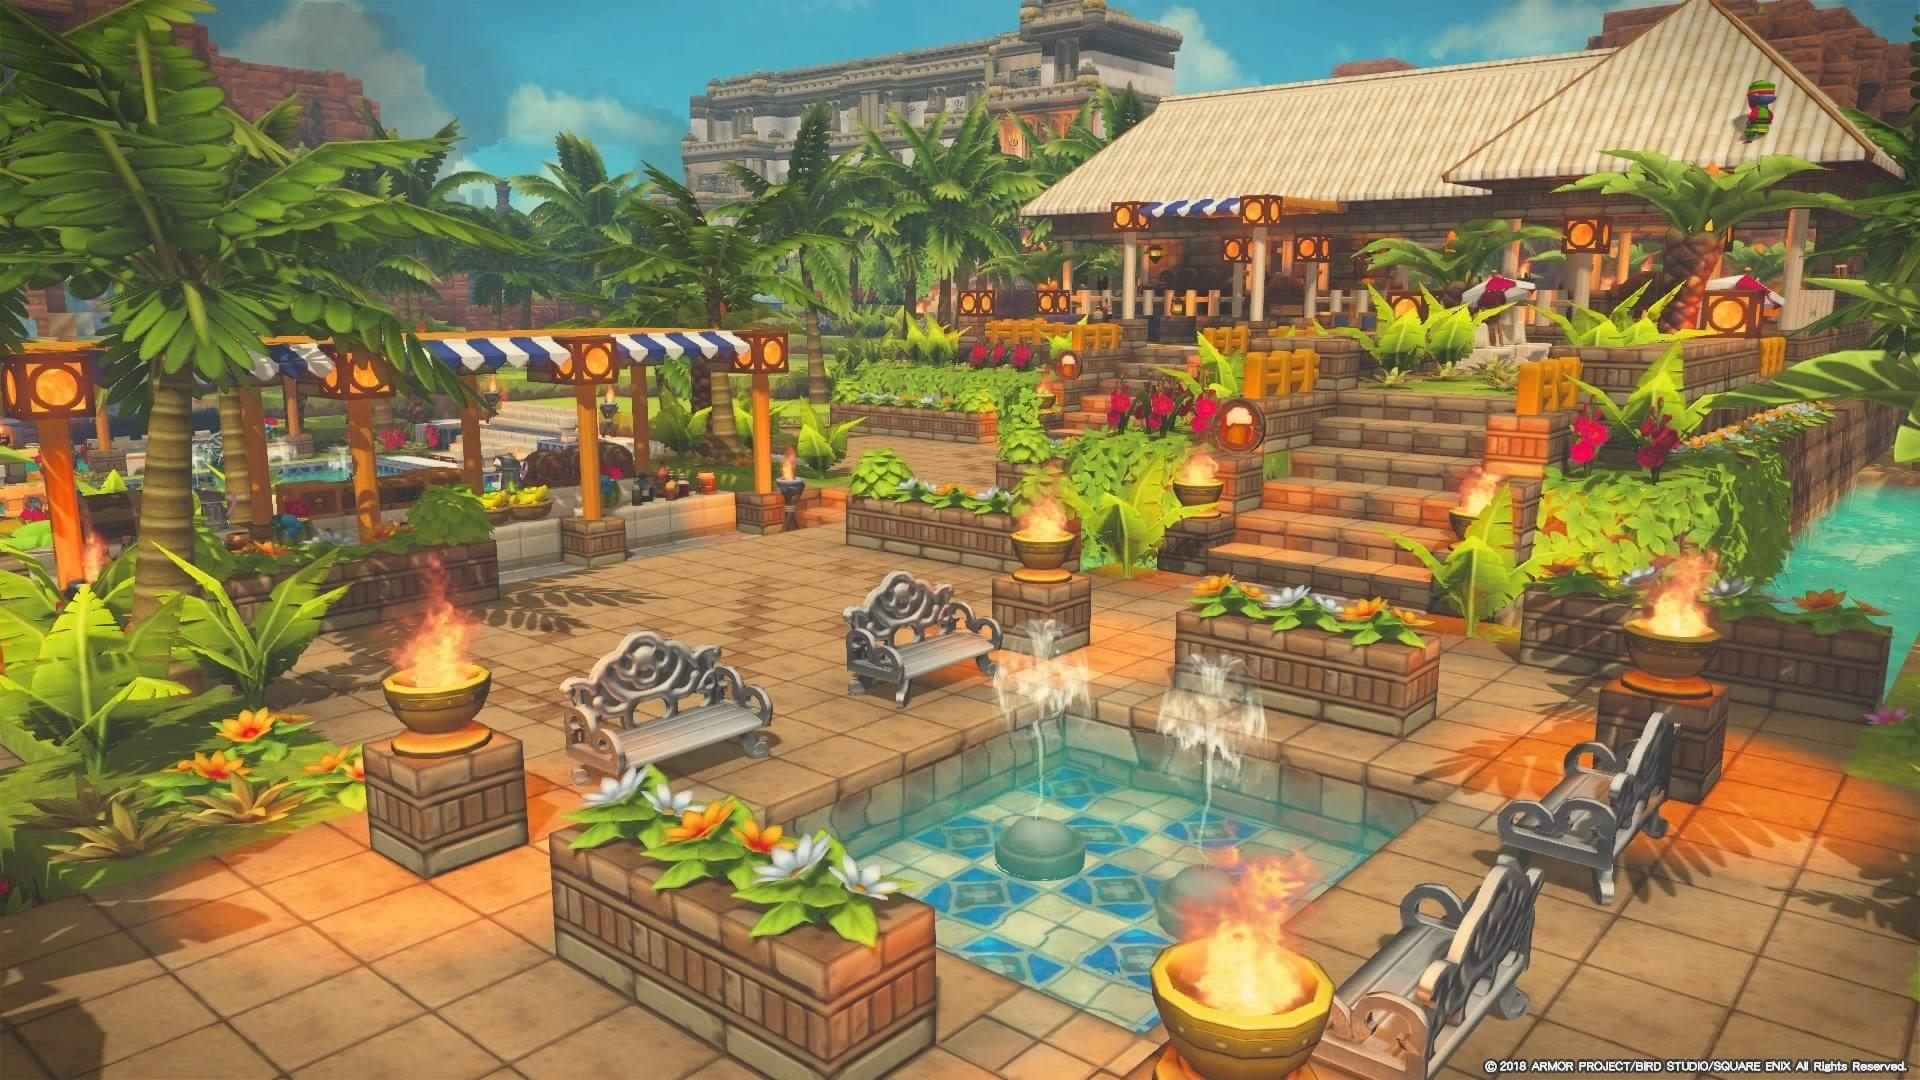 ドラゴンクエストビルダーズ2 破壊神シドーとからっぽの島 の けいじばん をゲームの外からでも楽しもう Minecraft Architecture Minecraft House Designs Minecraft Blueprints